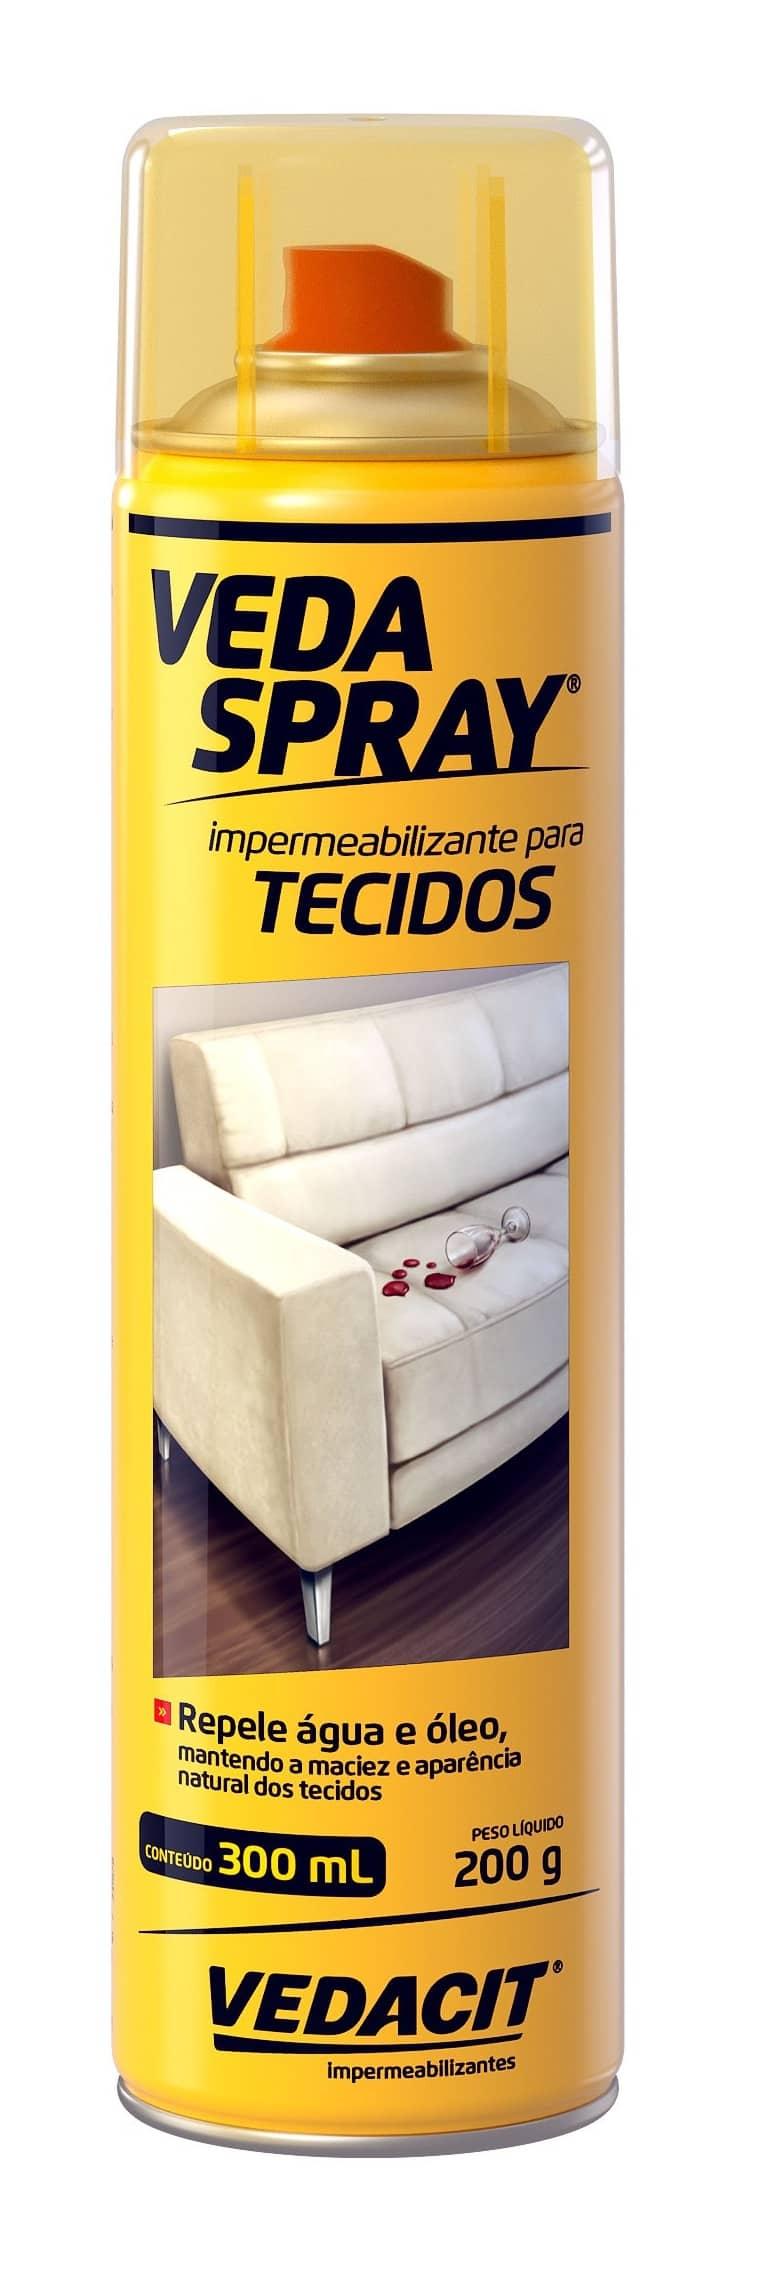 VEDASPRAY-TECIDOS